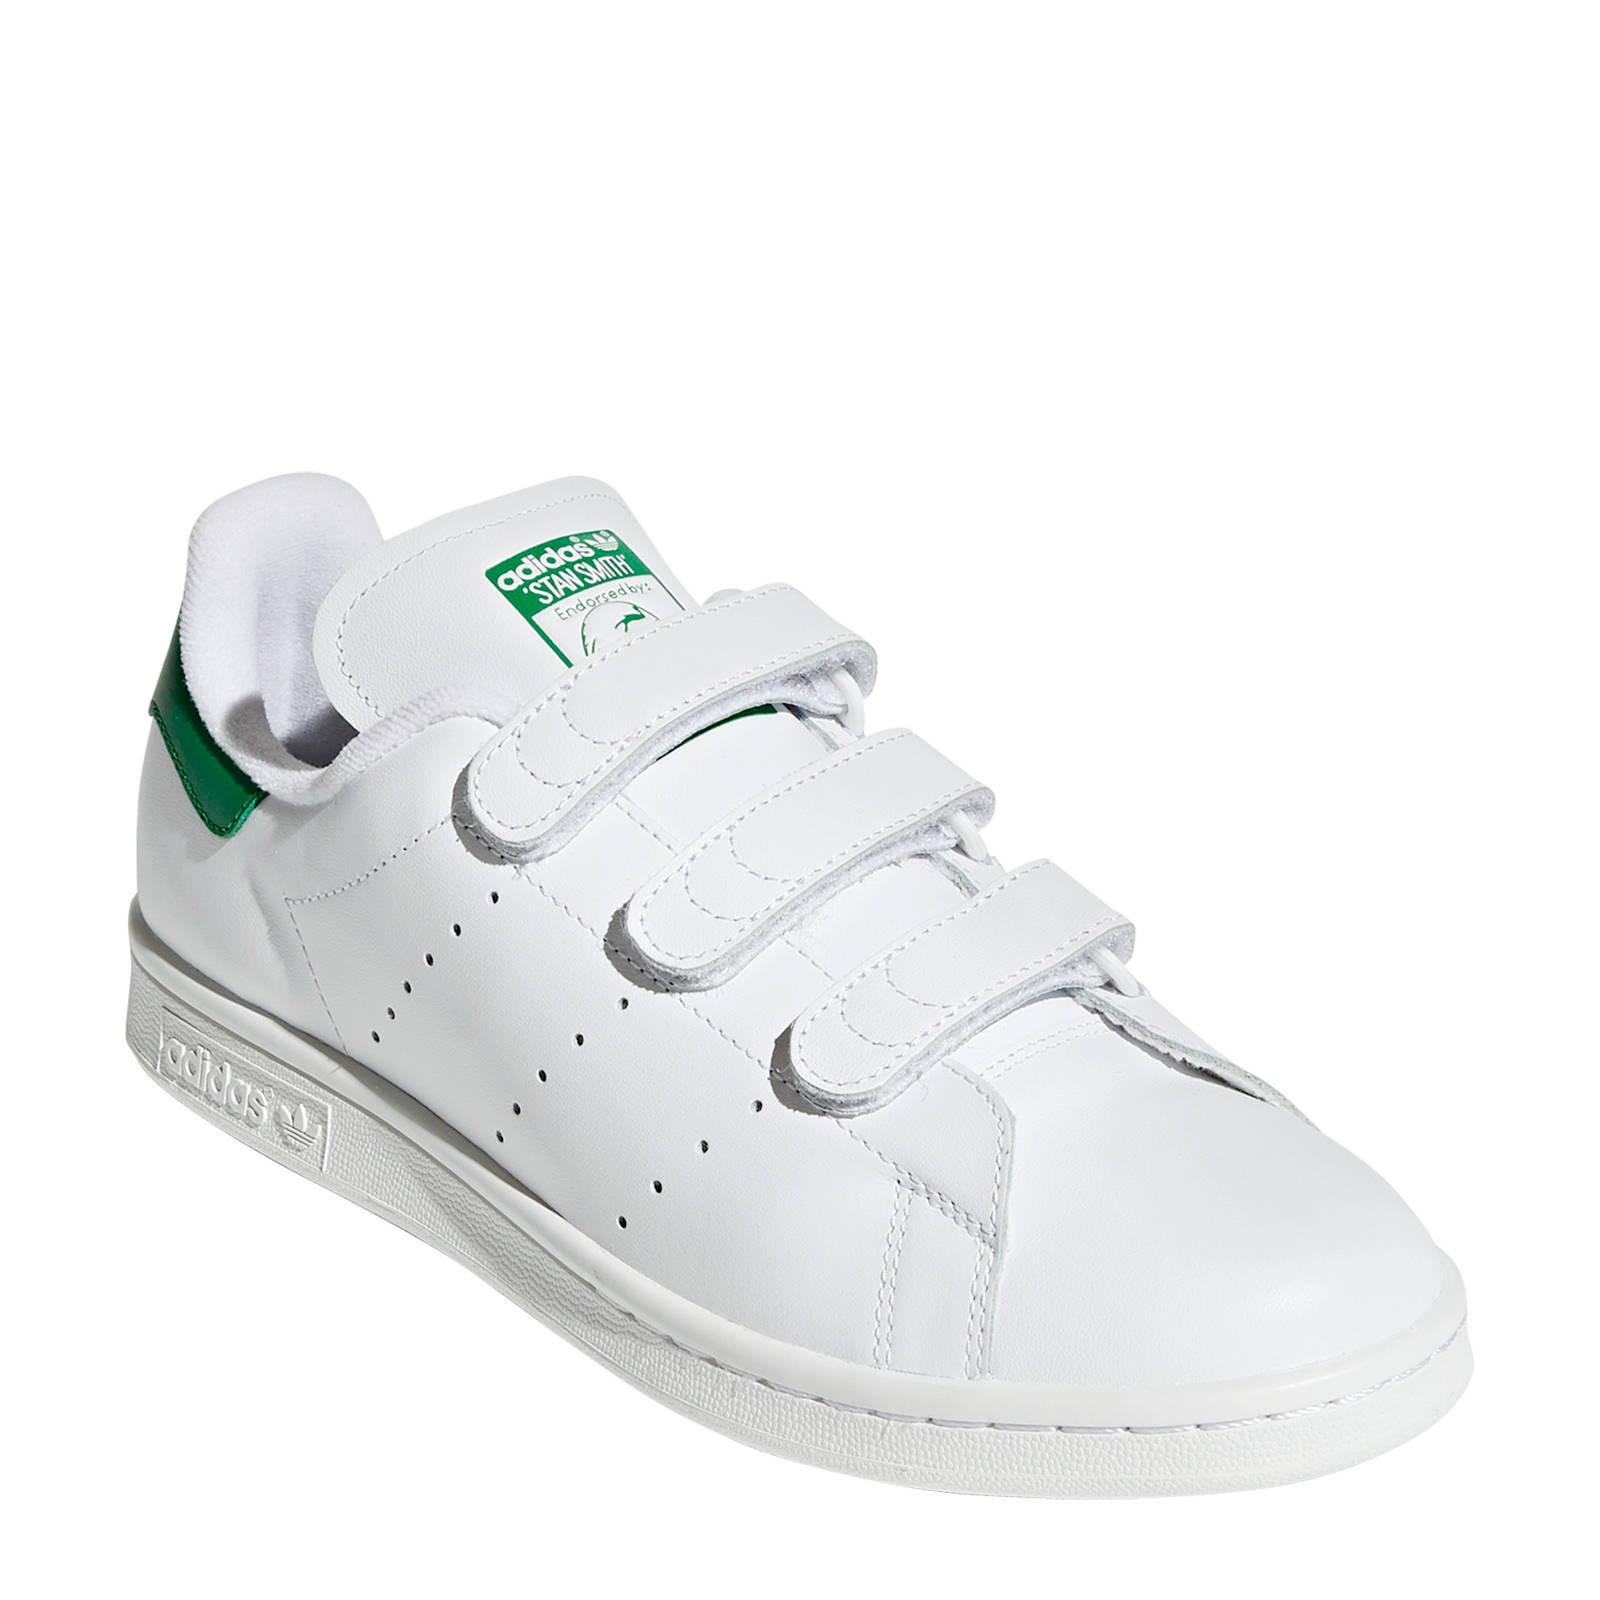 86d37509c78 adidas originals Stan Smith CF sneakers wit/groen | wehkamp